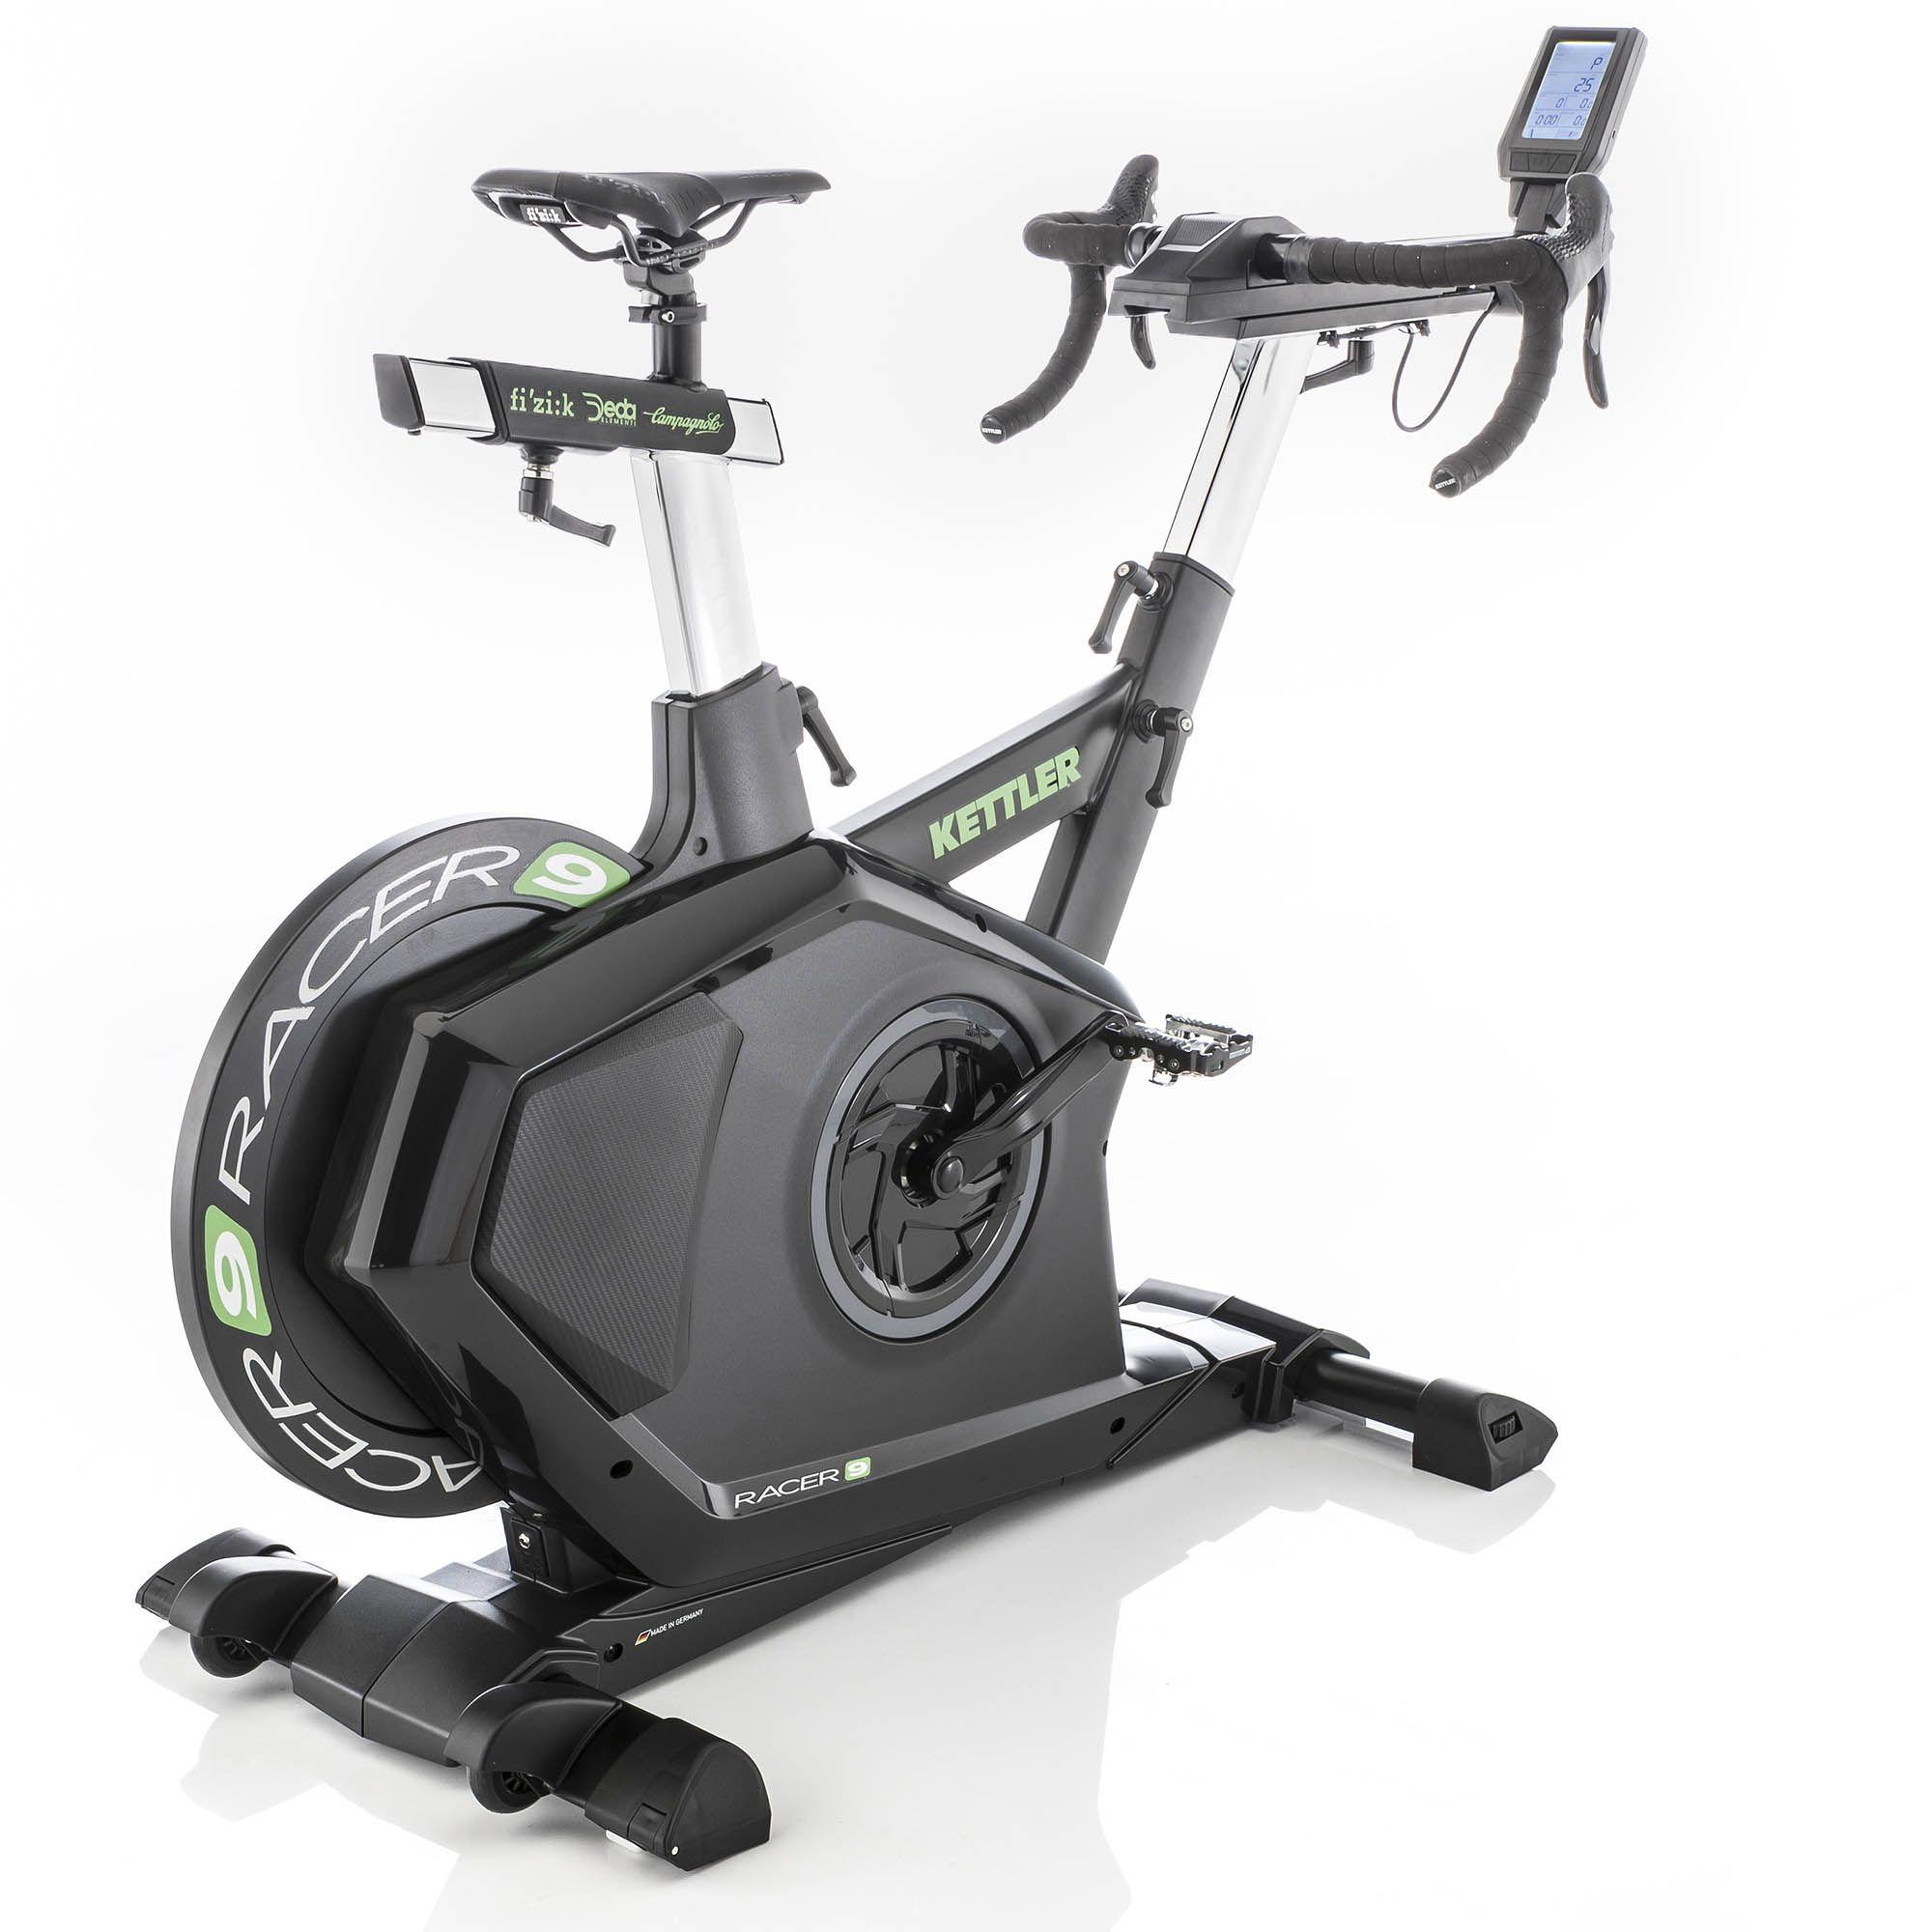 Kettler Racer 9 Indoor Cycle